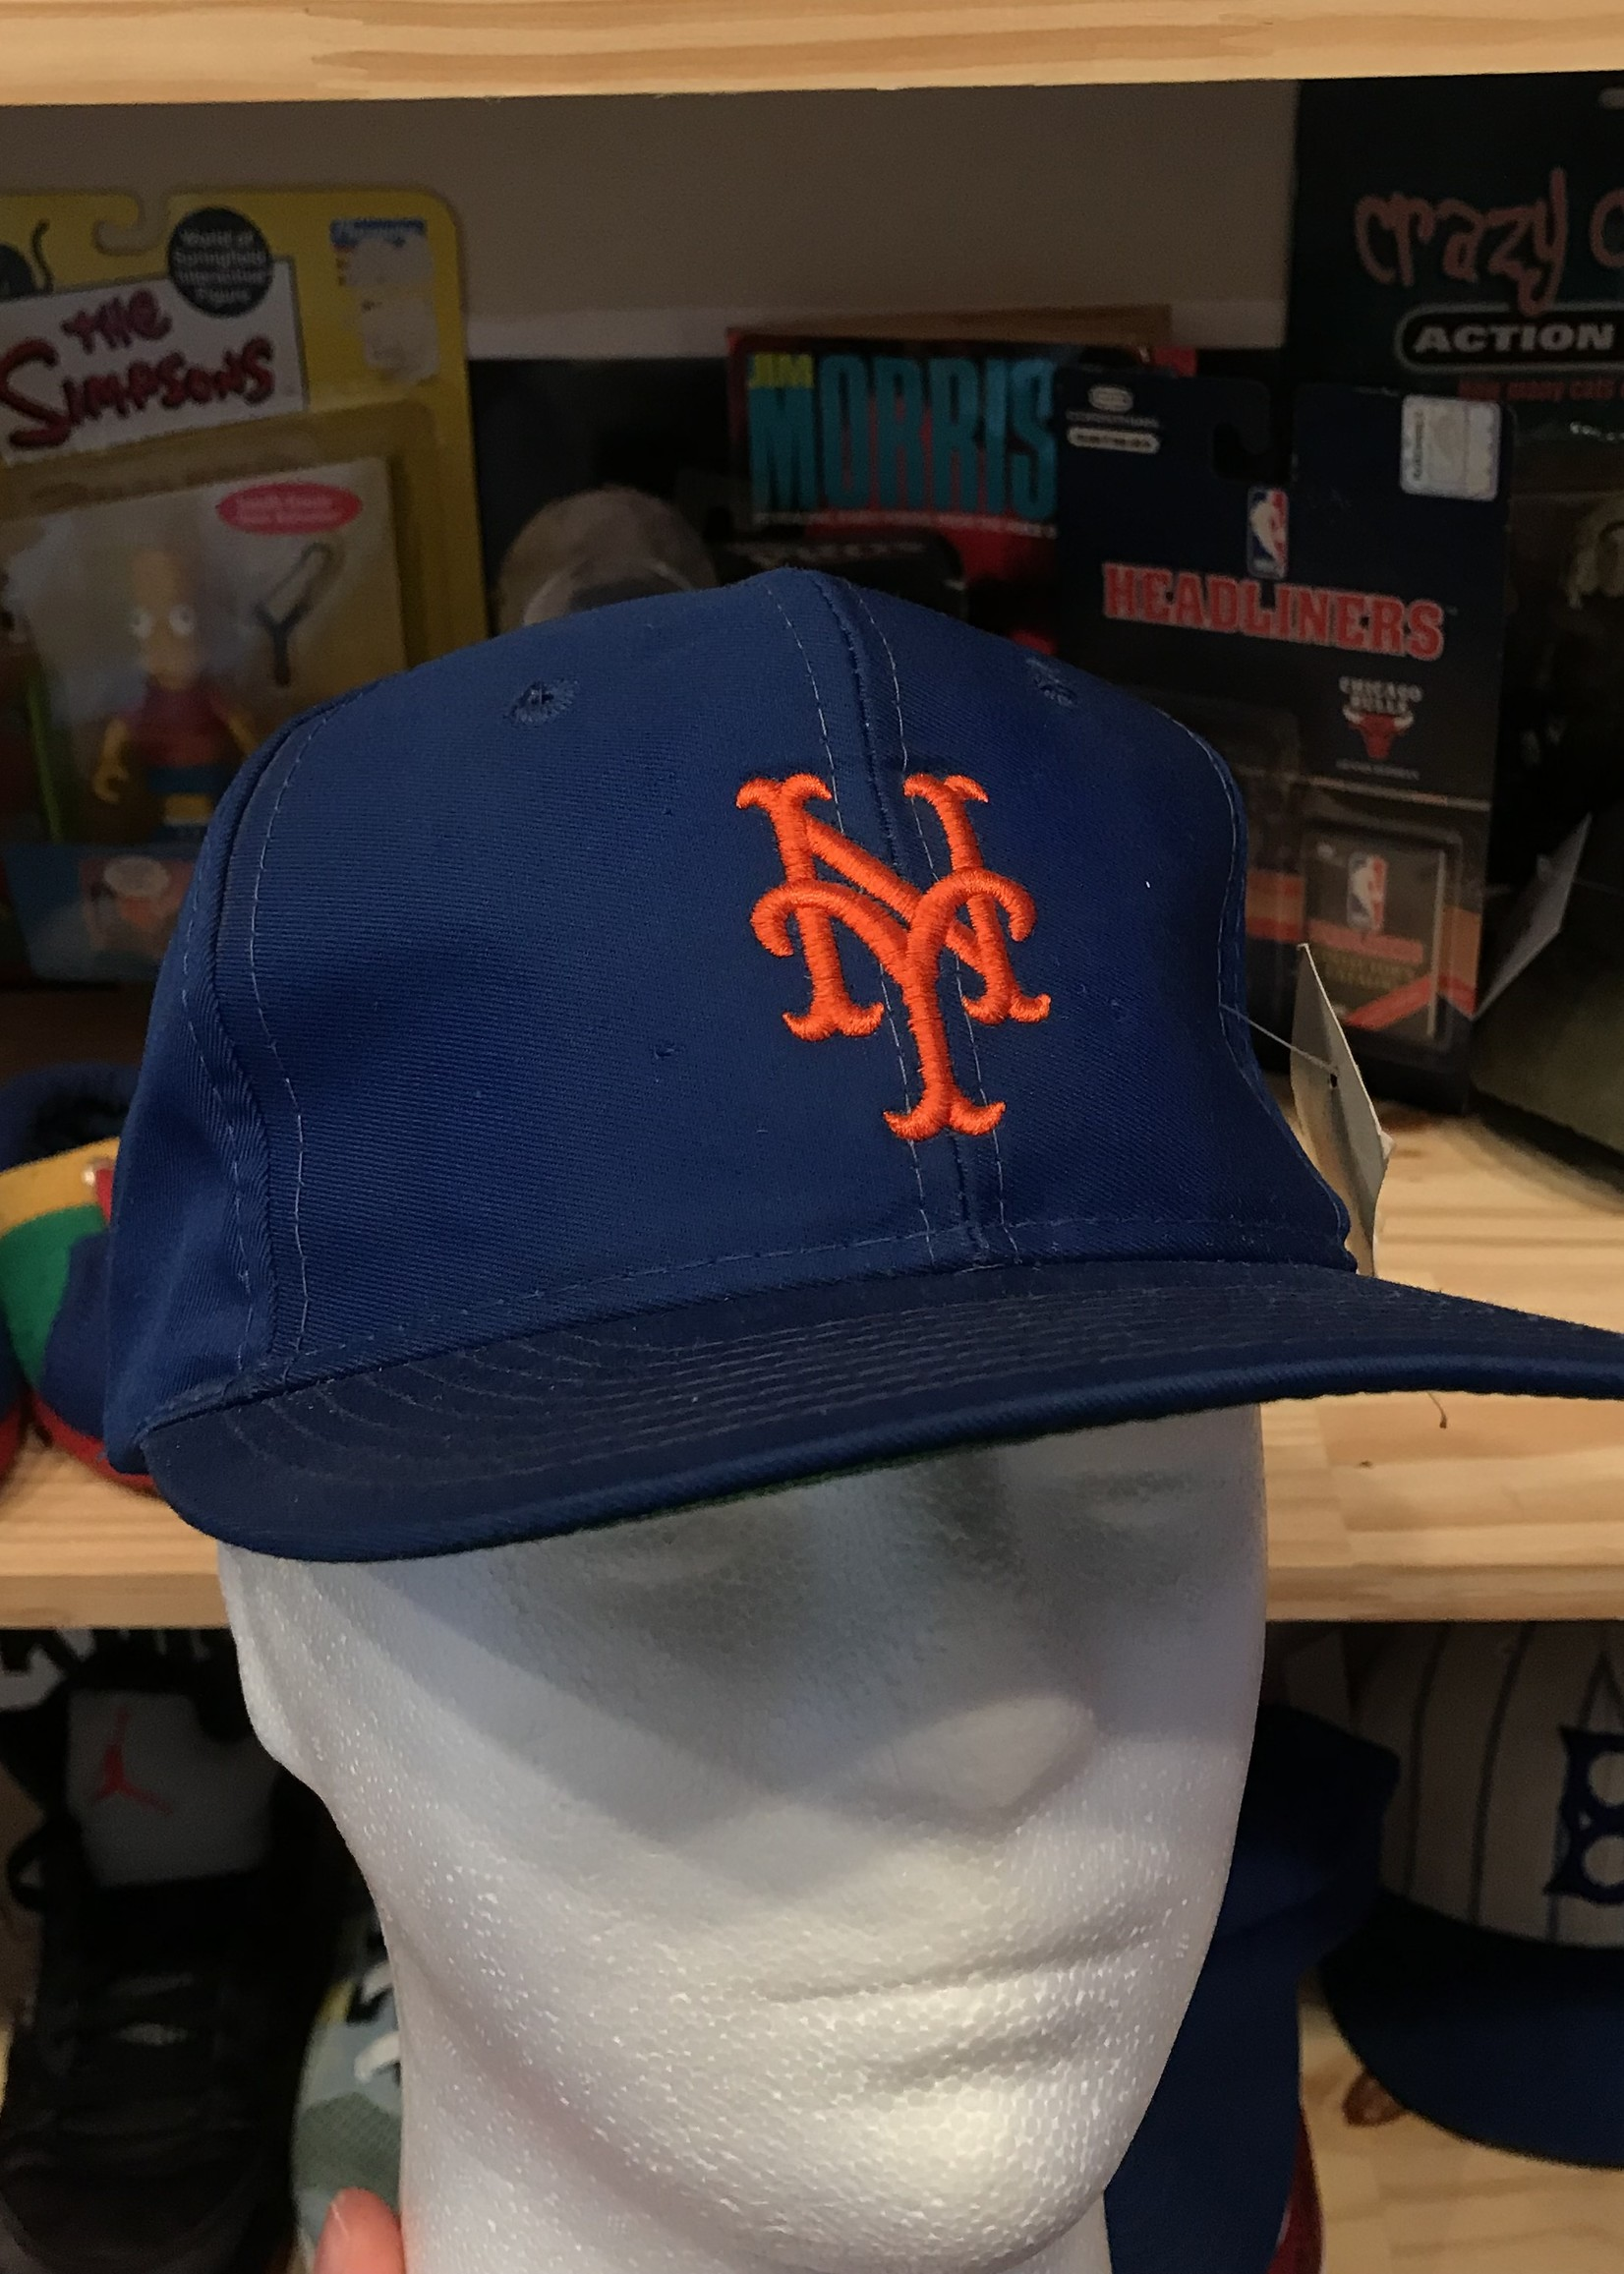 4905ds mets hat